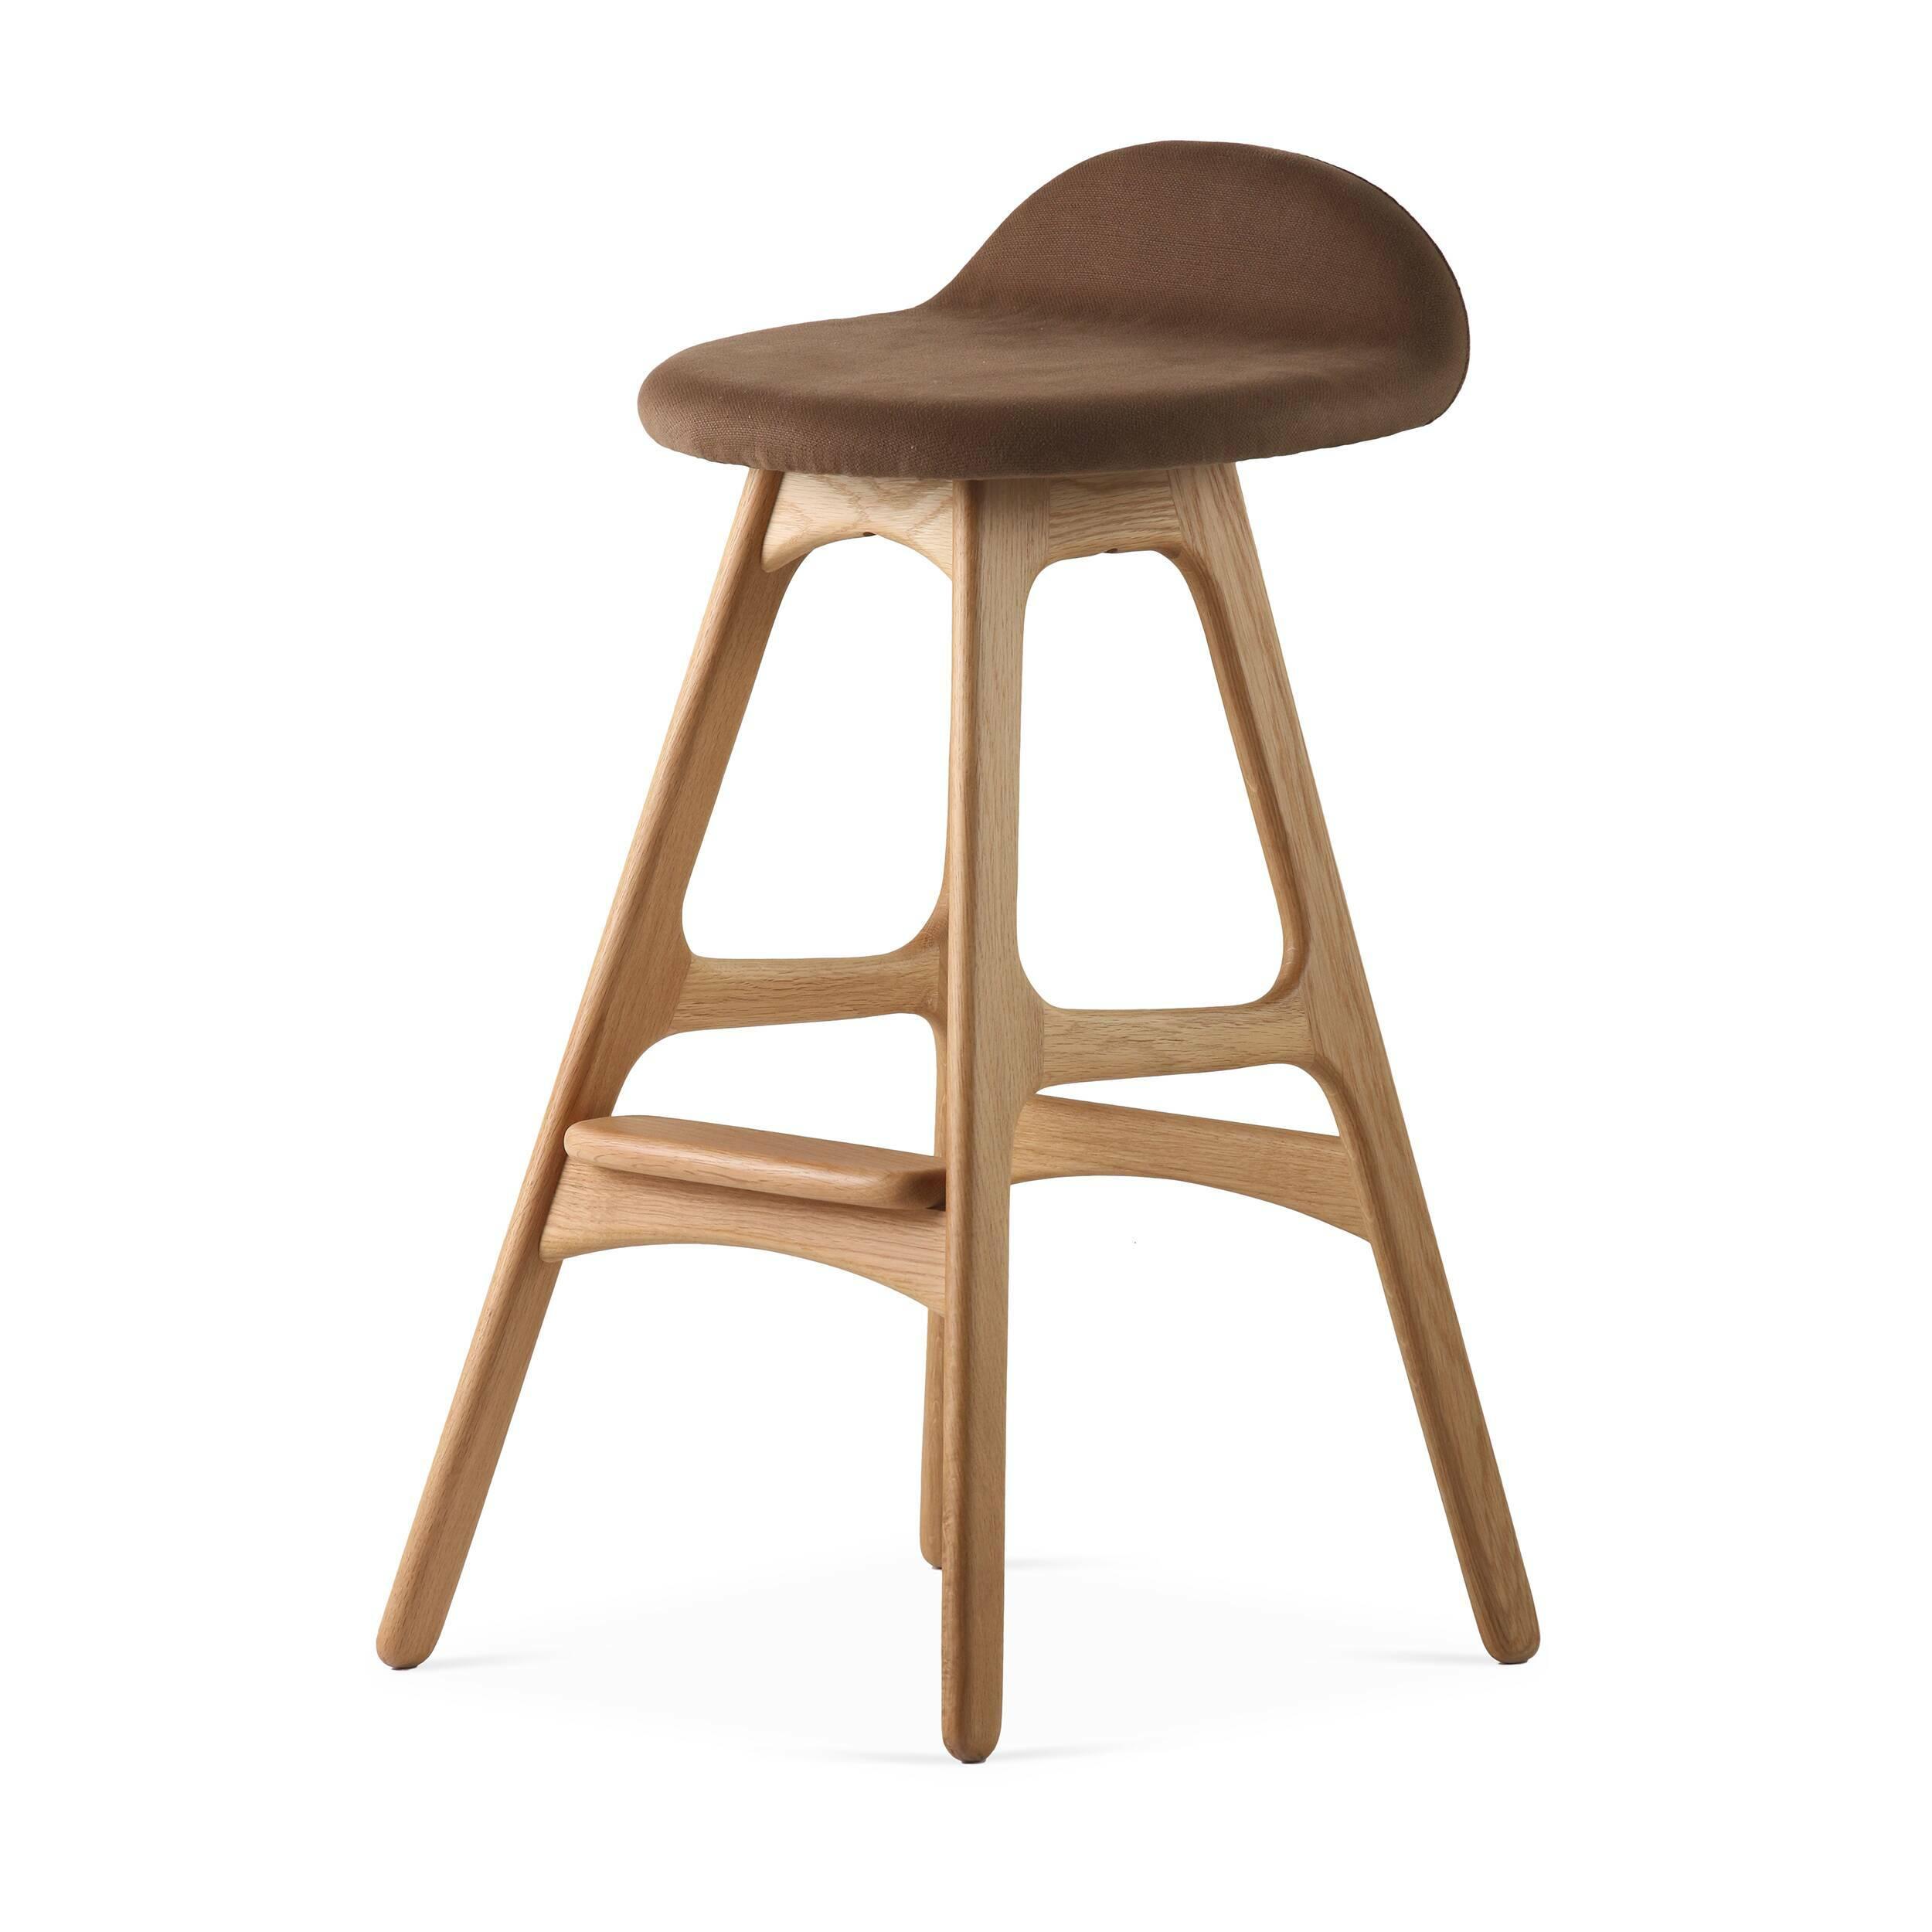 Барный стул Buch 2Полубарные<br>Мы говорим скандинавский модерн, подразумеваем целую плеяду дизайнеров-экспериментаторов, среди которых был и Эрик Бук. Мебель этого датчанина с 1957 года занимает прочные позиции в истории дизайна благодаря минималистичным обтекаемым формам, натуральным материалам — дереву, ткани и коже, практичности и функциональности.<br><br><br> Поклонников модного нынче экологичного образа жизни, да и просто любителей завтраков и ужинов на траве, наверняка привлечет знаменитый барный стул Buch 2. Он появи...<br><br>stock: 11<br>Высота: 75,5<br>Высота сиденья: 65<br>Ширина: 40<br>Глубина: 45<br>Цвет ножек: Дуб<br>Материал ножек: Массив дуба<br>Материал сидения: Хлопок, Лен<br>Цвет сидения: Коричневый<br>Тип материала сидения: Ткань<br>Коллекция ткани: Ray Fabric<br>Тип материала ножек: Дерево